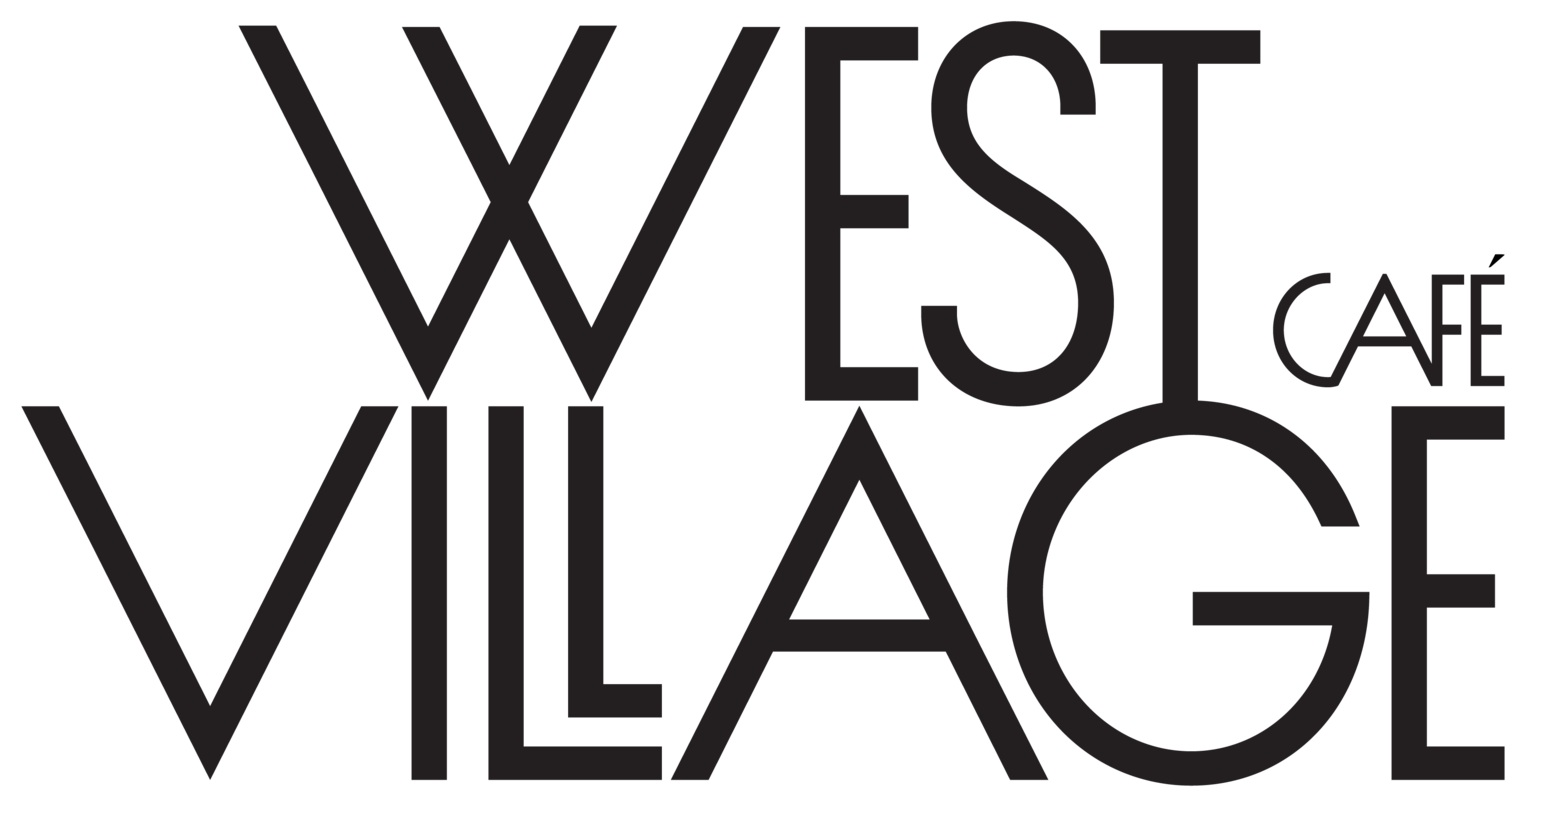 West-Village-Cafe-Logo-01.jpg